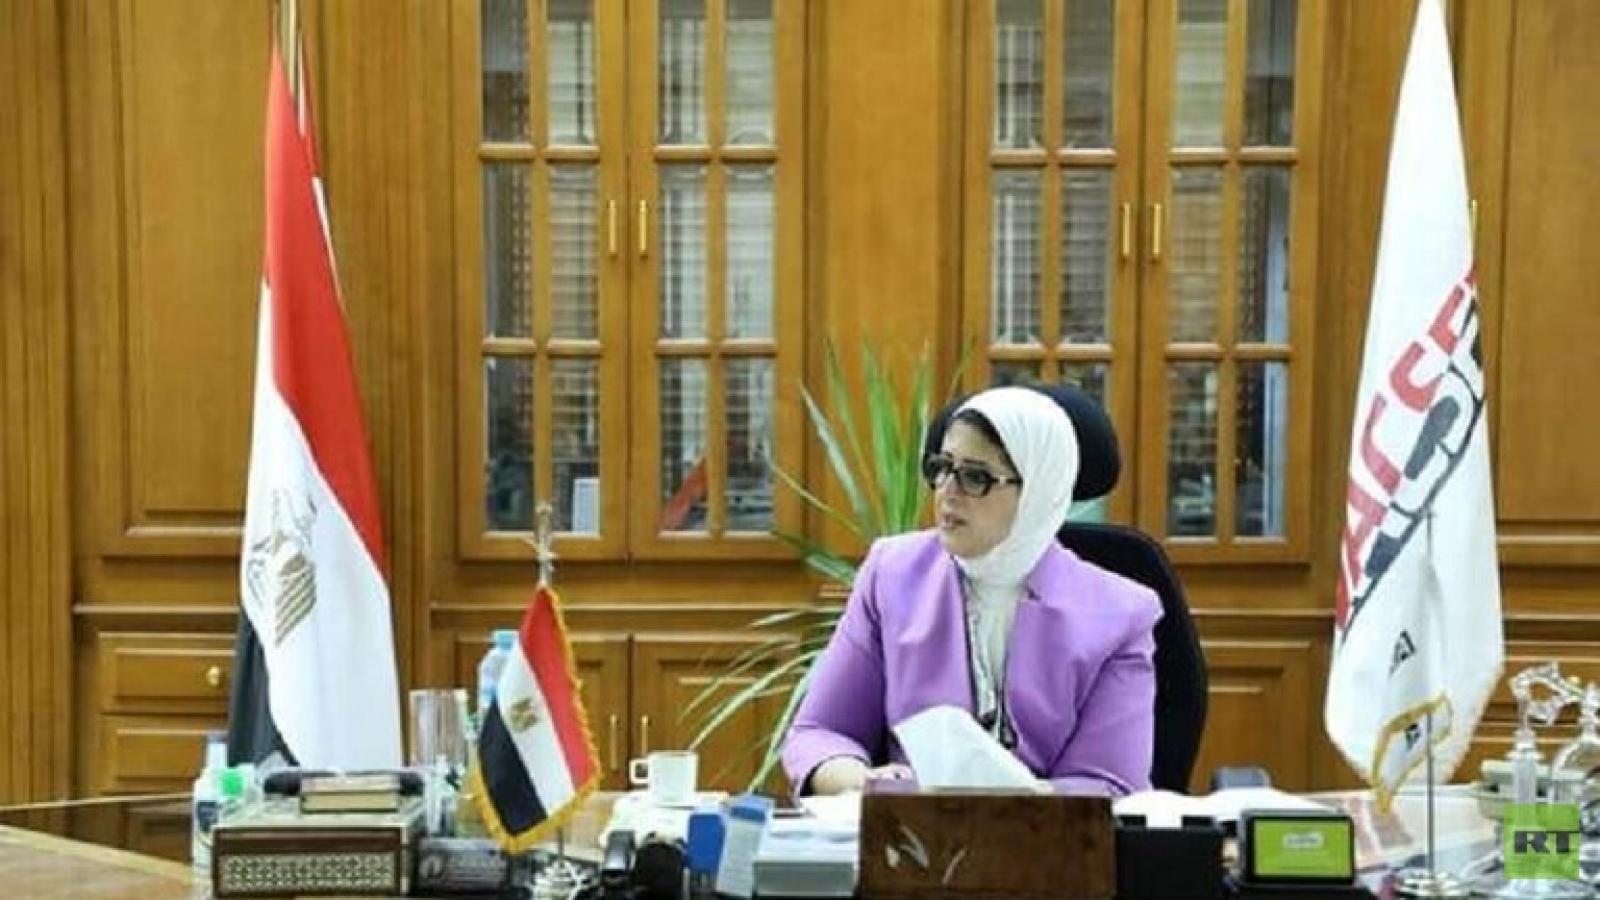 Ai Cập sẵn sàng sản xuất vaccine chống Covid-19